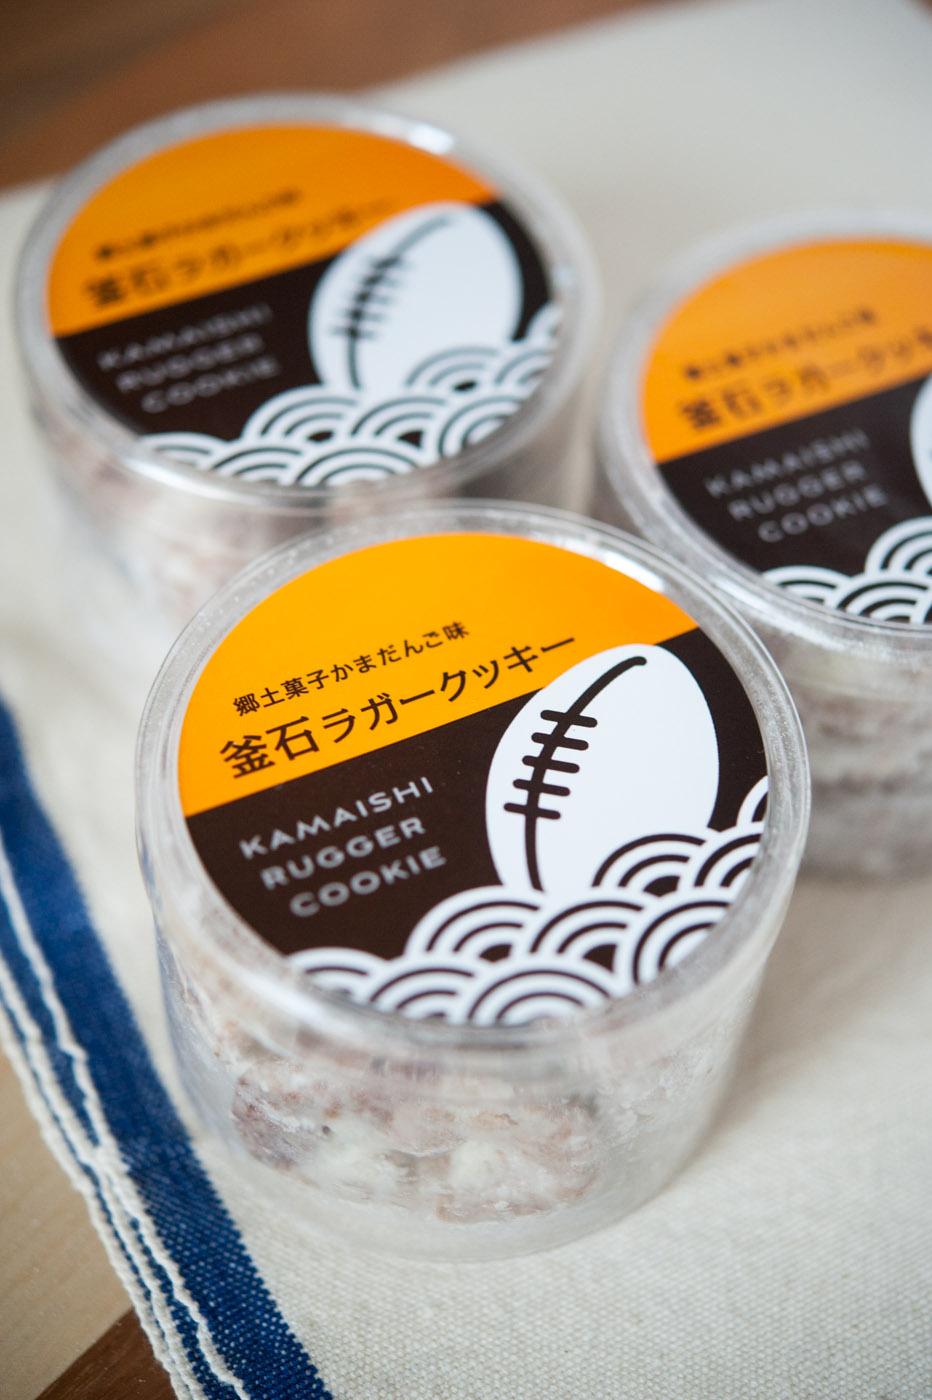 釜石ラガークッキー-01.jpg